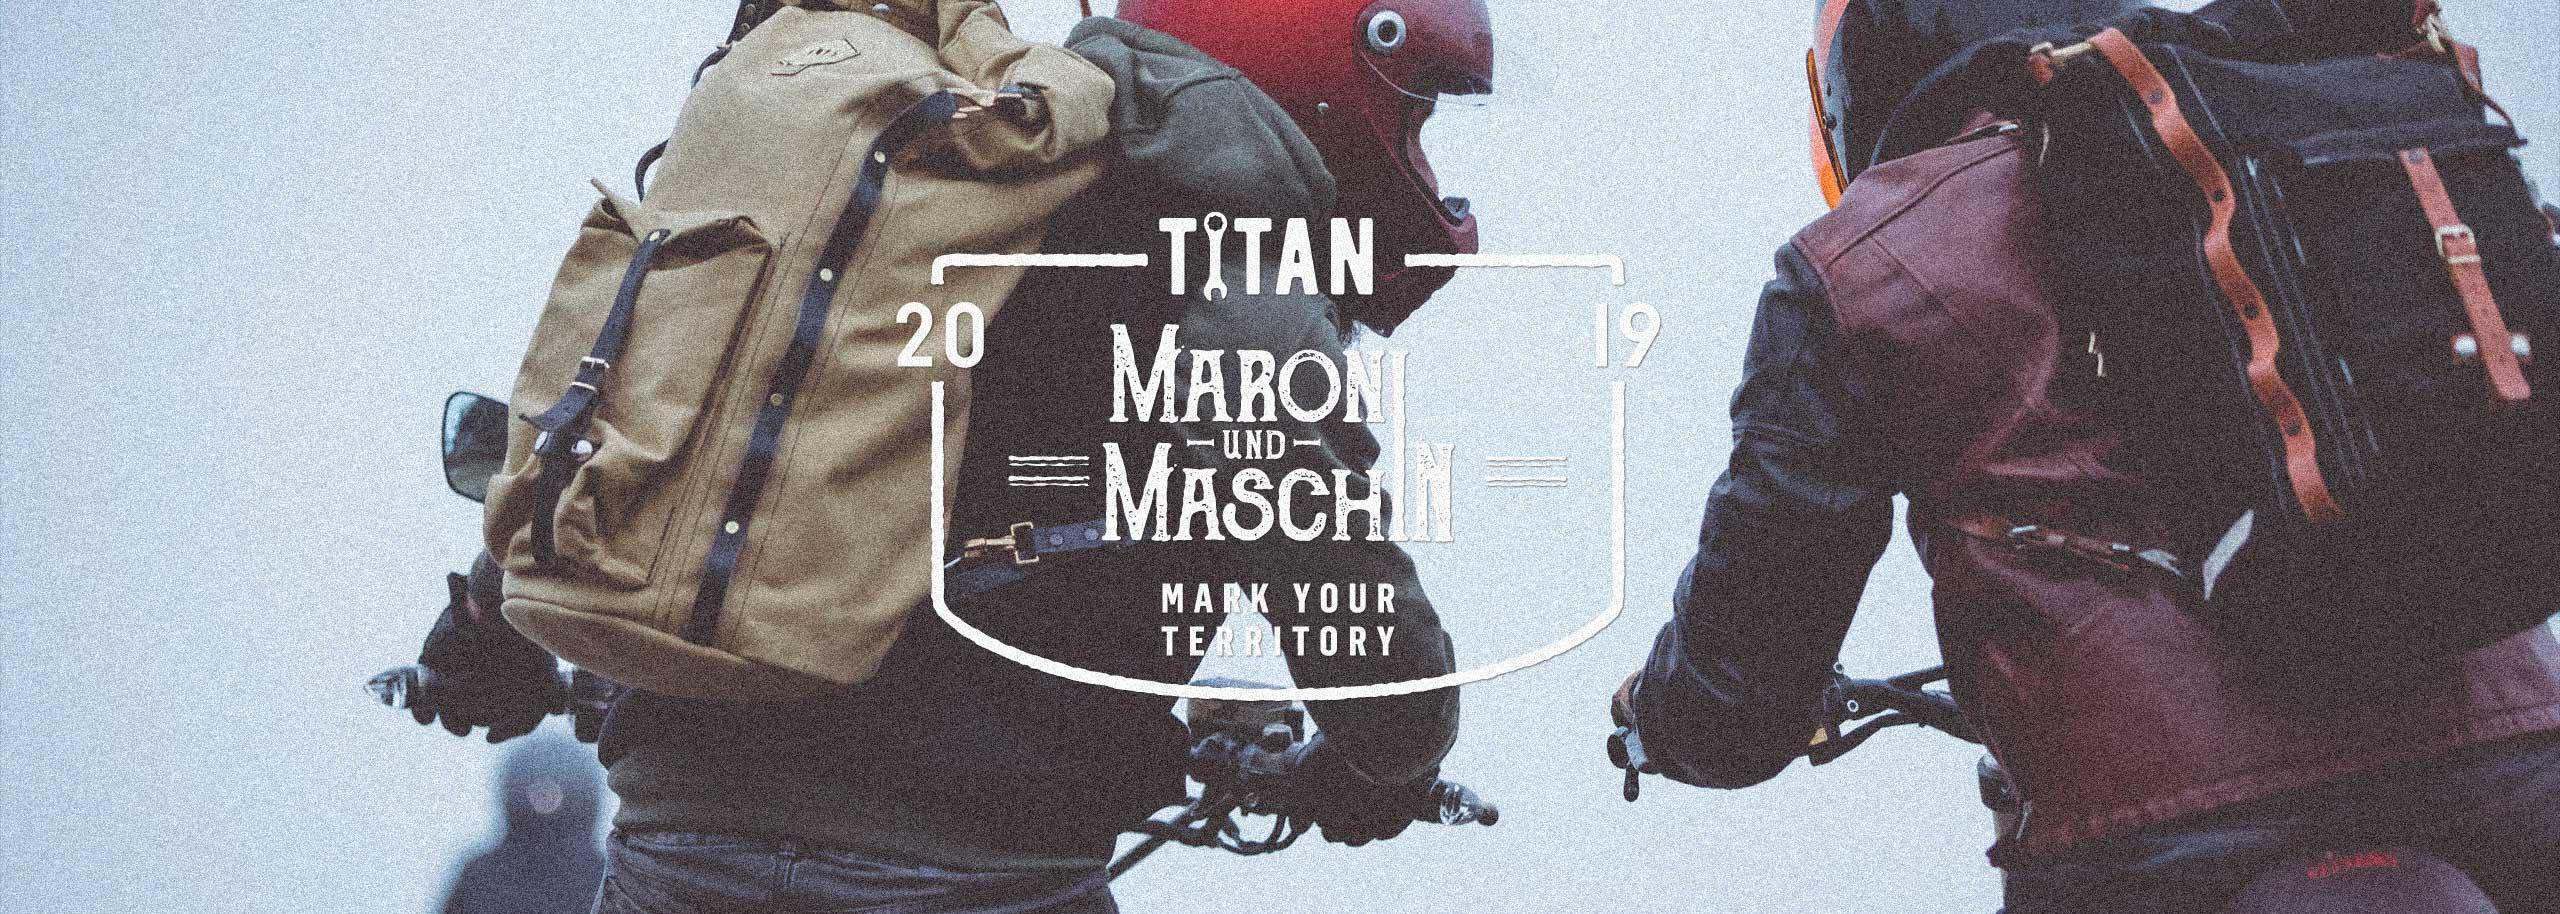 TITAN-Motorcycles-Cafe-Racer-Graz-Styria_Events-Maroni-und-Maschin-Motorradfahren-in-der-Steiermark